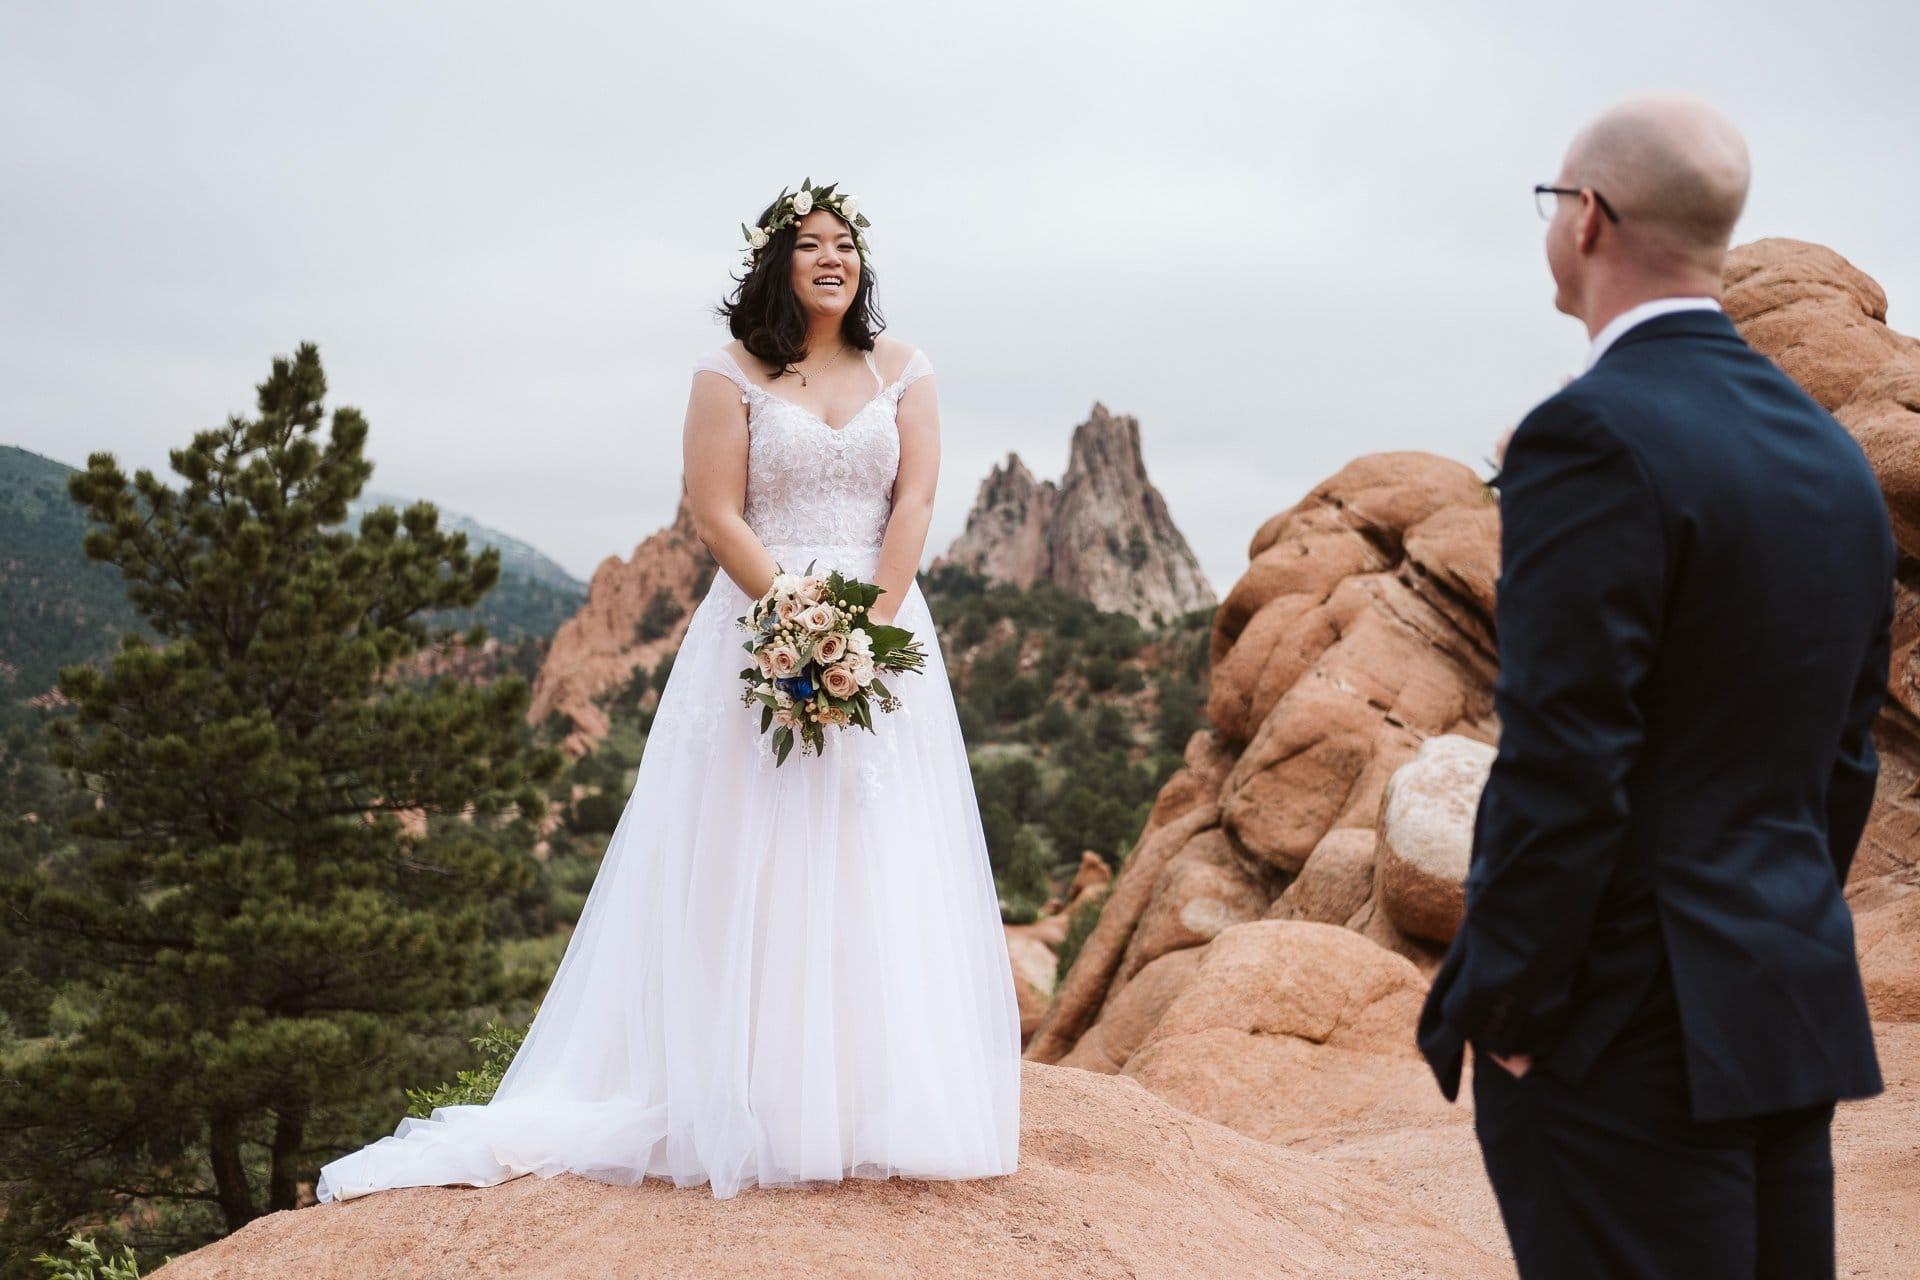 Bride portrait at Garden of the Gods in Colorado Springs